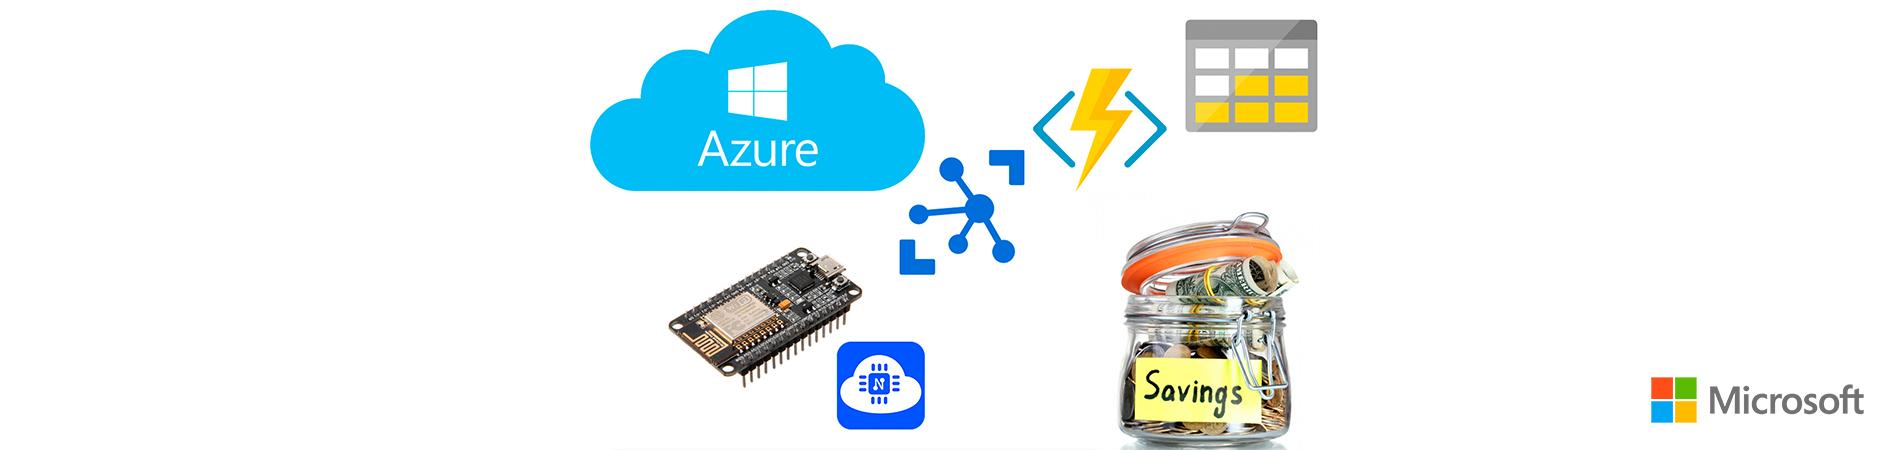 Прыжок в облако. Строим бюджетное решение для интернета вещей на NodeMCU + Azure IoT Hub